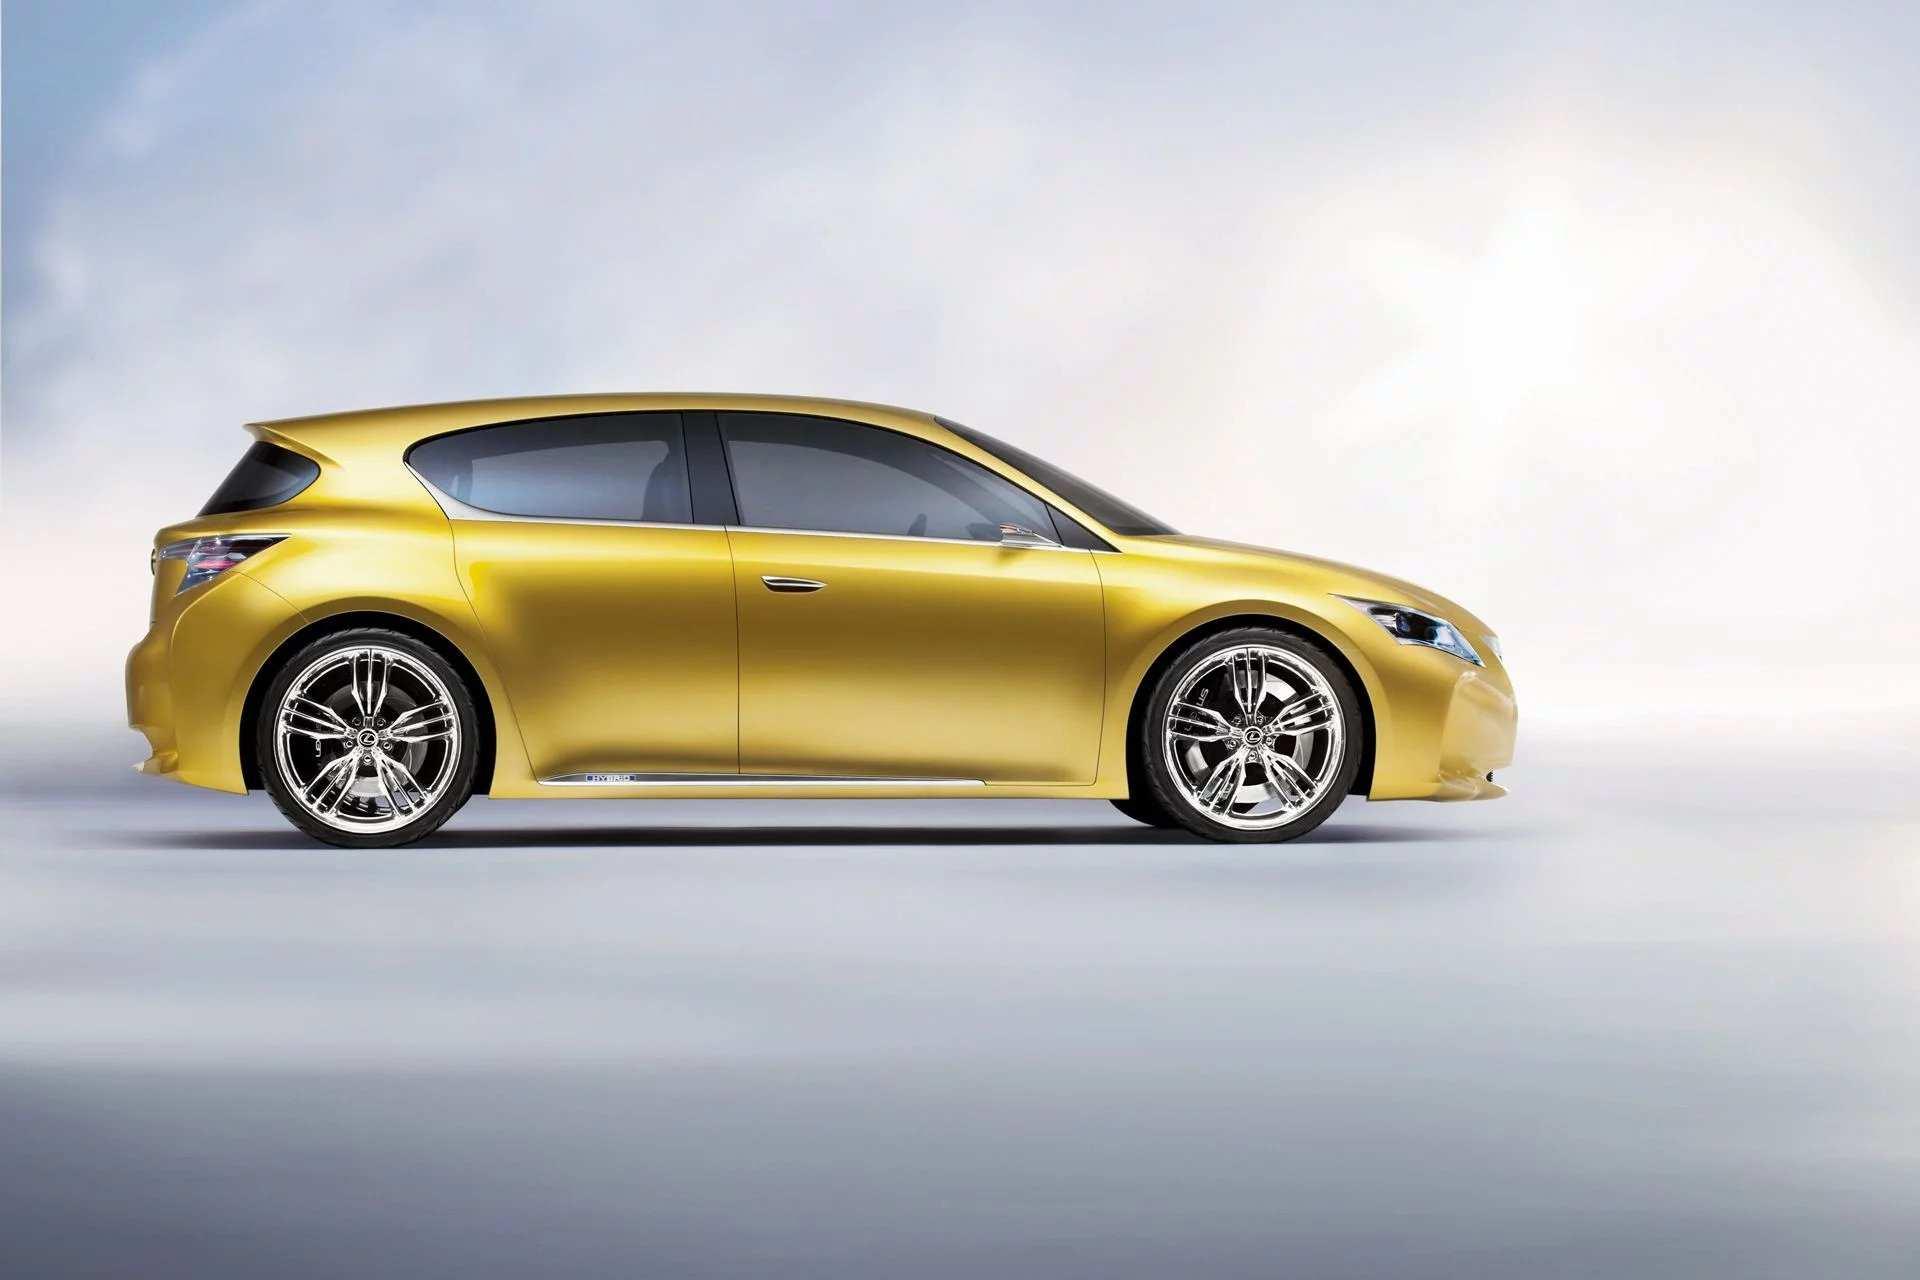 36 Great Lexus Hatchback 2020 Price with Lexus Hatchback 2020